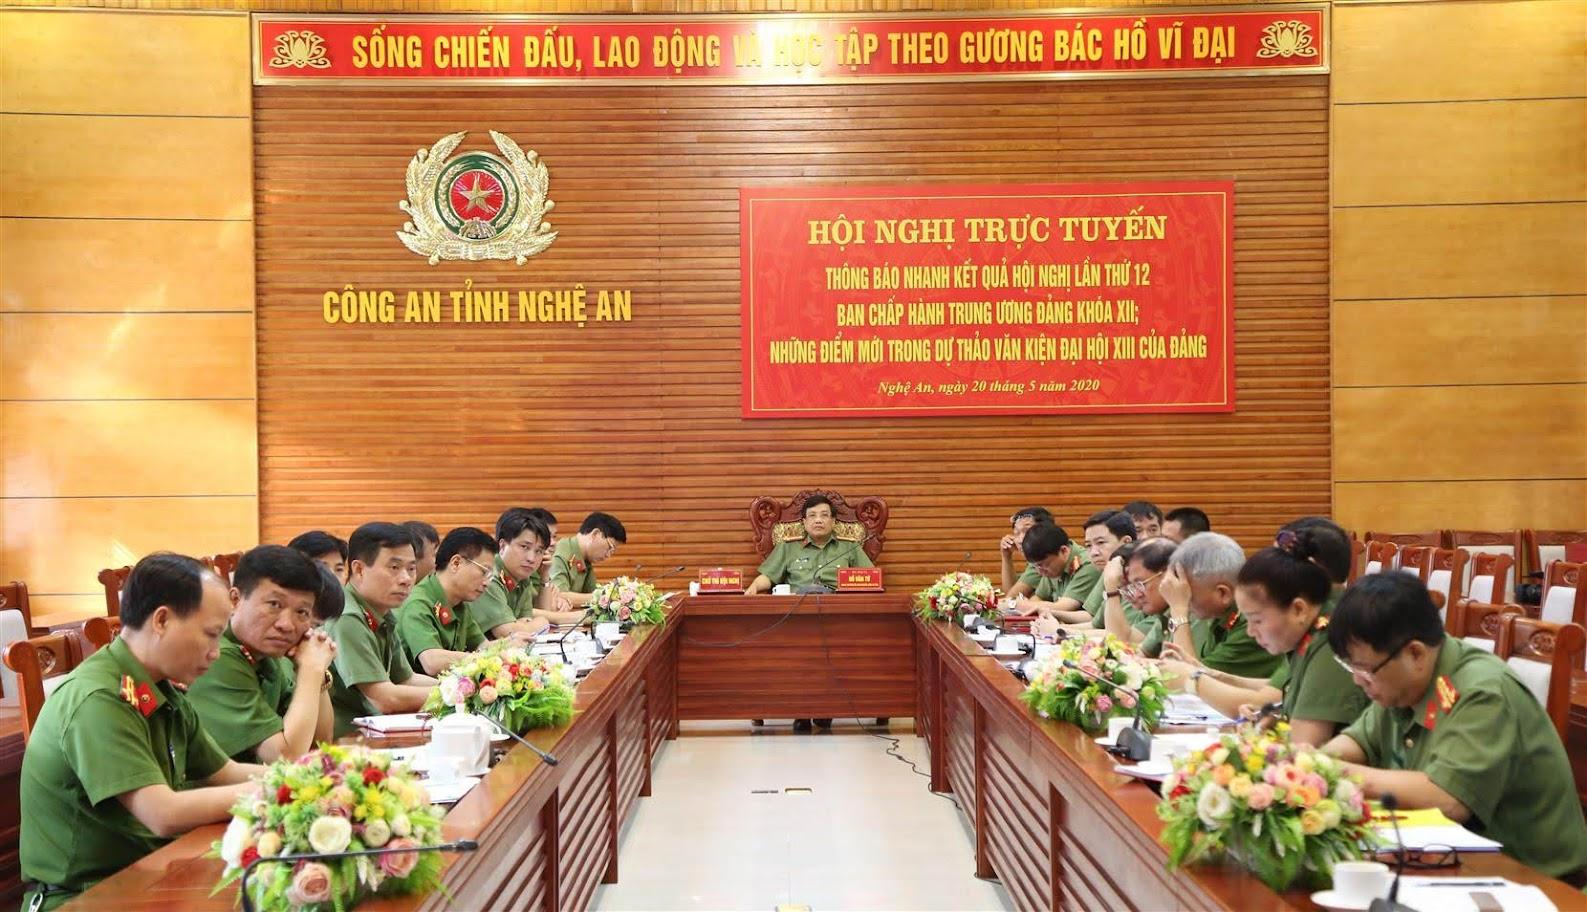 Đại tá Hồ Văn Tứ, Phó Bí thư Đảng ủy, Phó Giám đốc Công an tỉnh và các đại biểu tham dự hội nghị tai điểm cầu Công an Nghệ An.